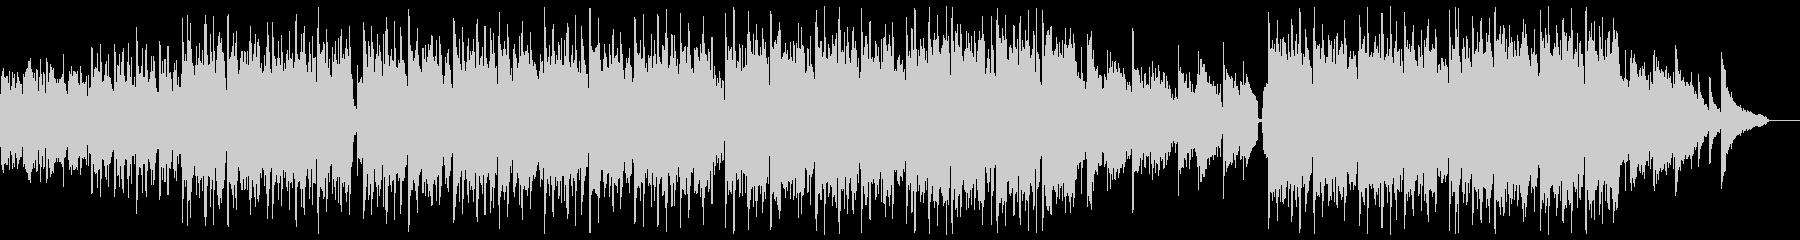 明るいピアノバイオリンポップ:フルx1の未再生の波形